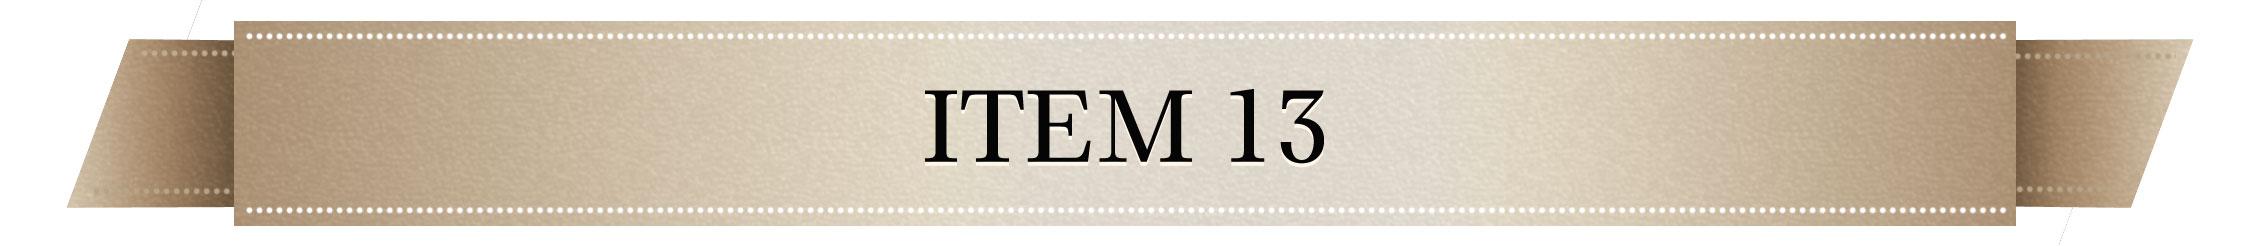 item-13-web